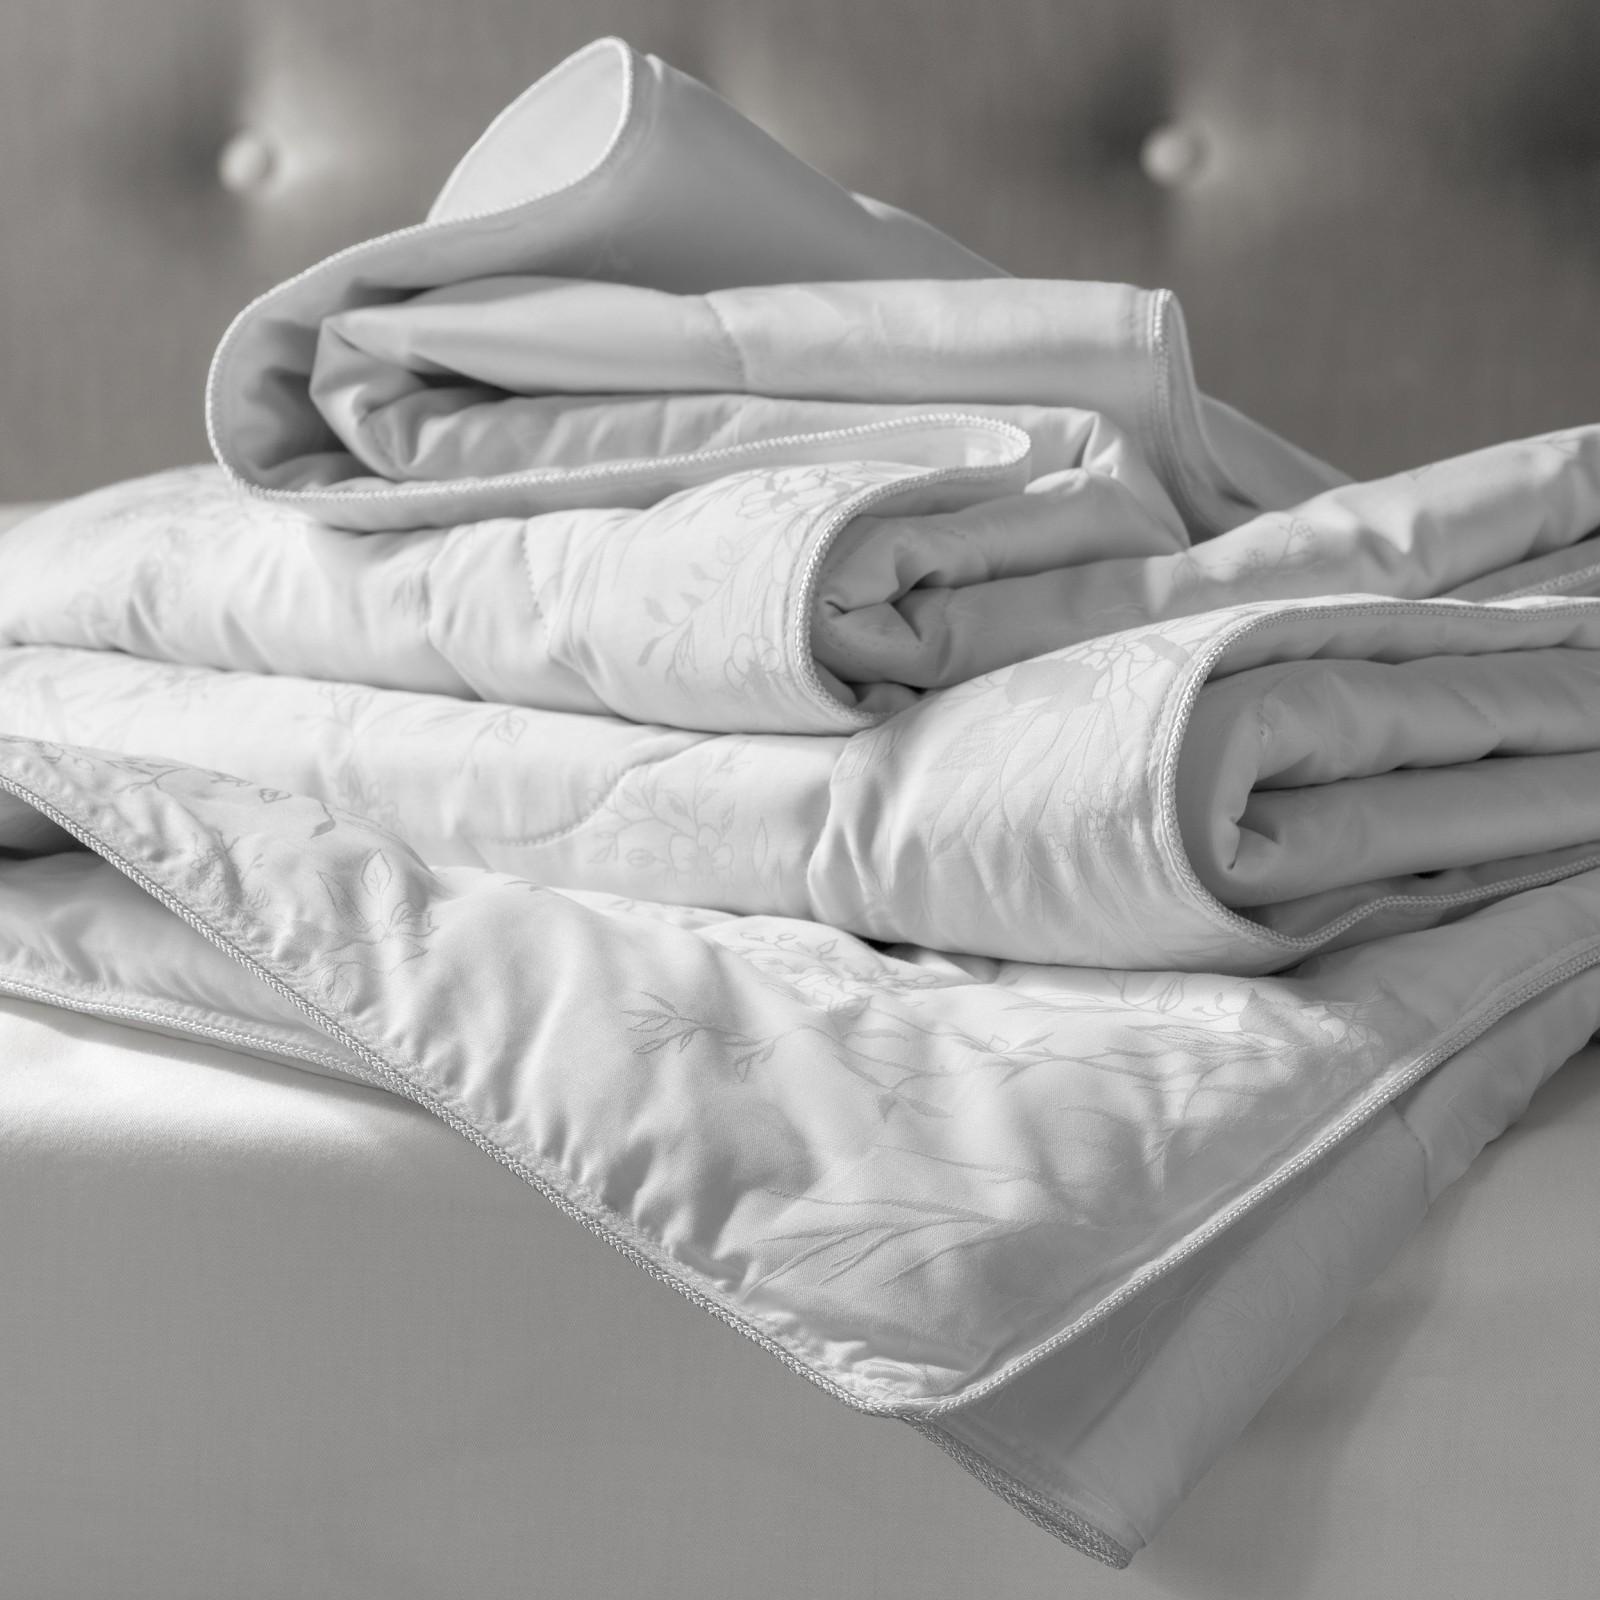 Купить Одеяла Togas, Одеяло Лотос (200х210 см), Греция, Белый, Хлопковый жаккард